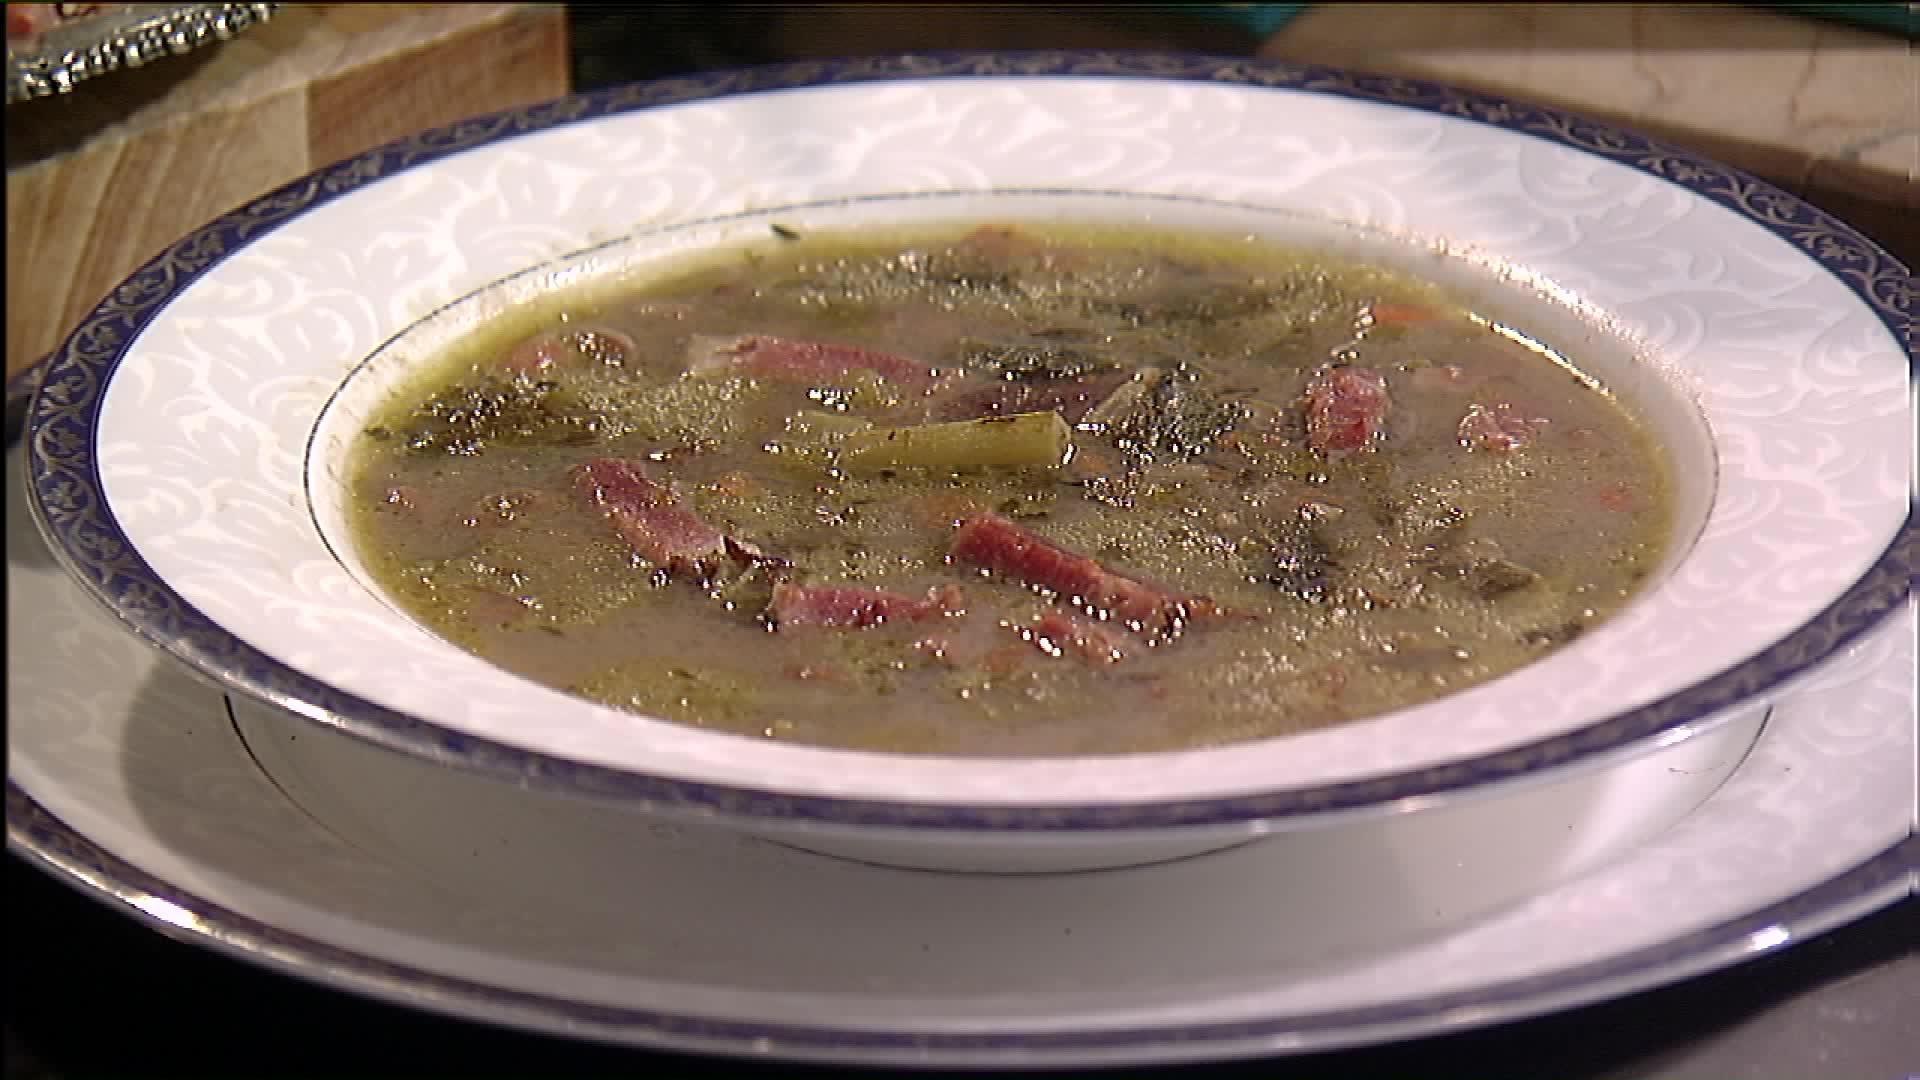 How to Make a Pinto Bean Soup